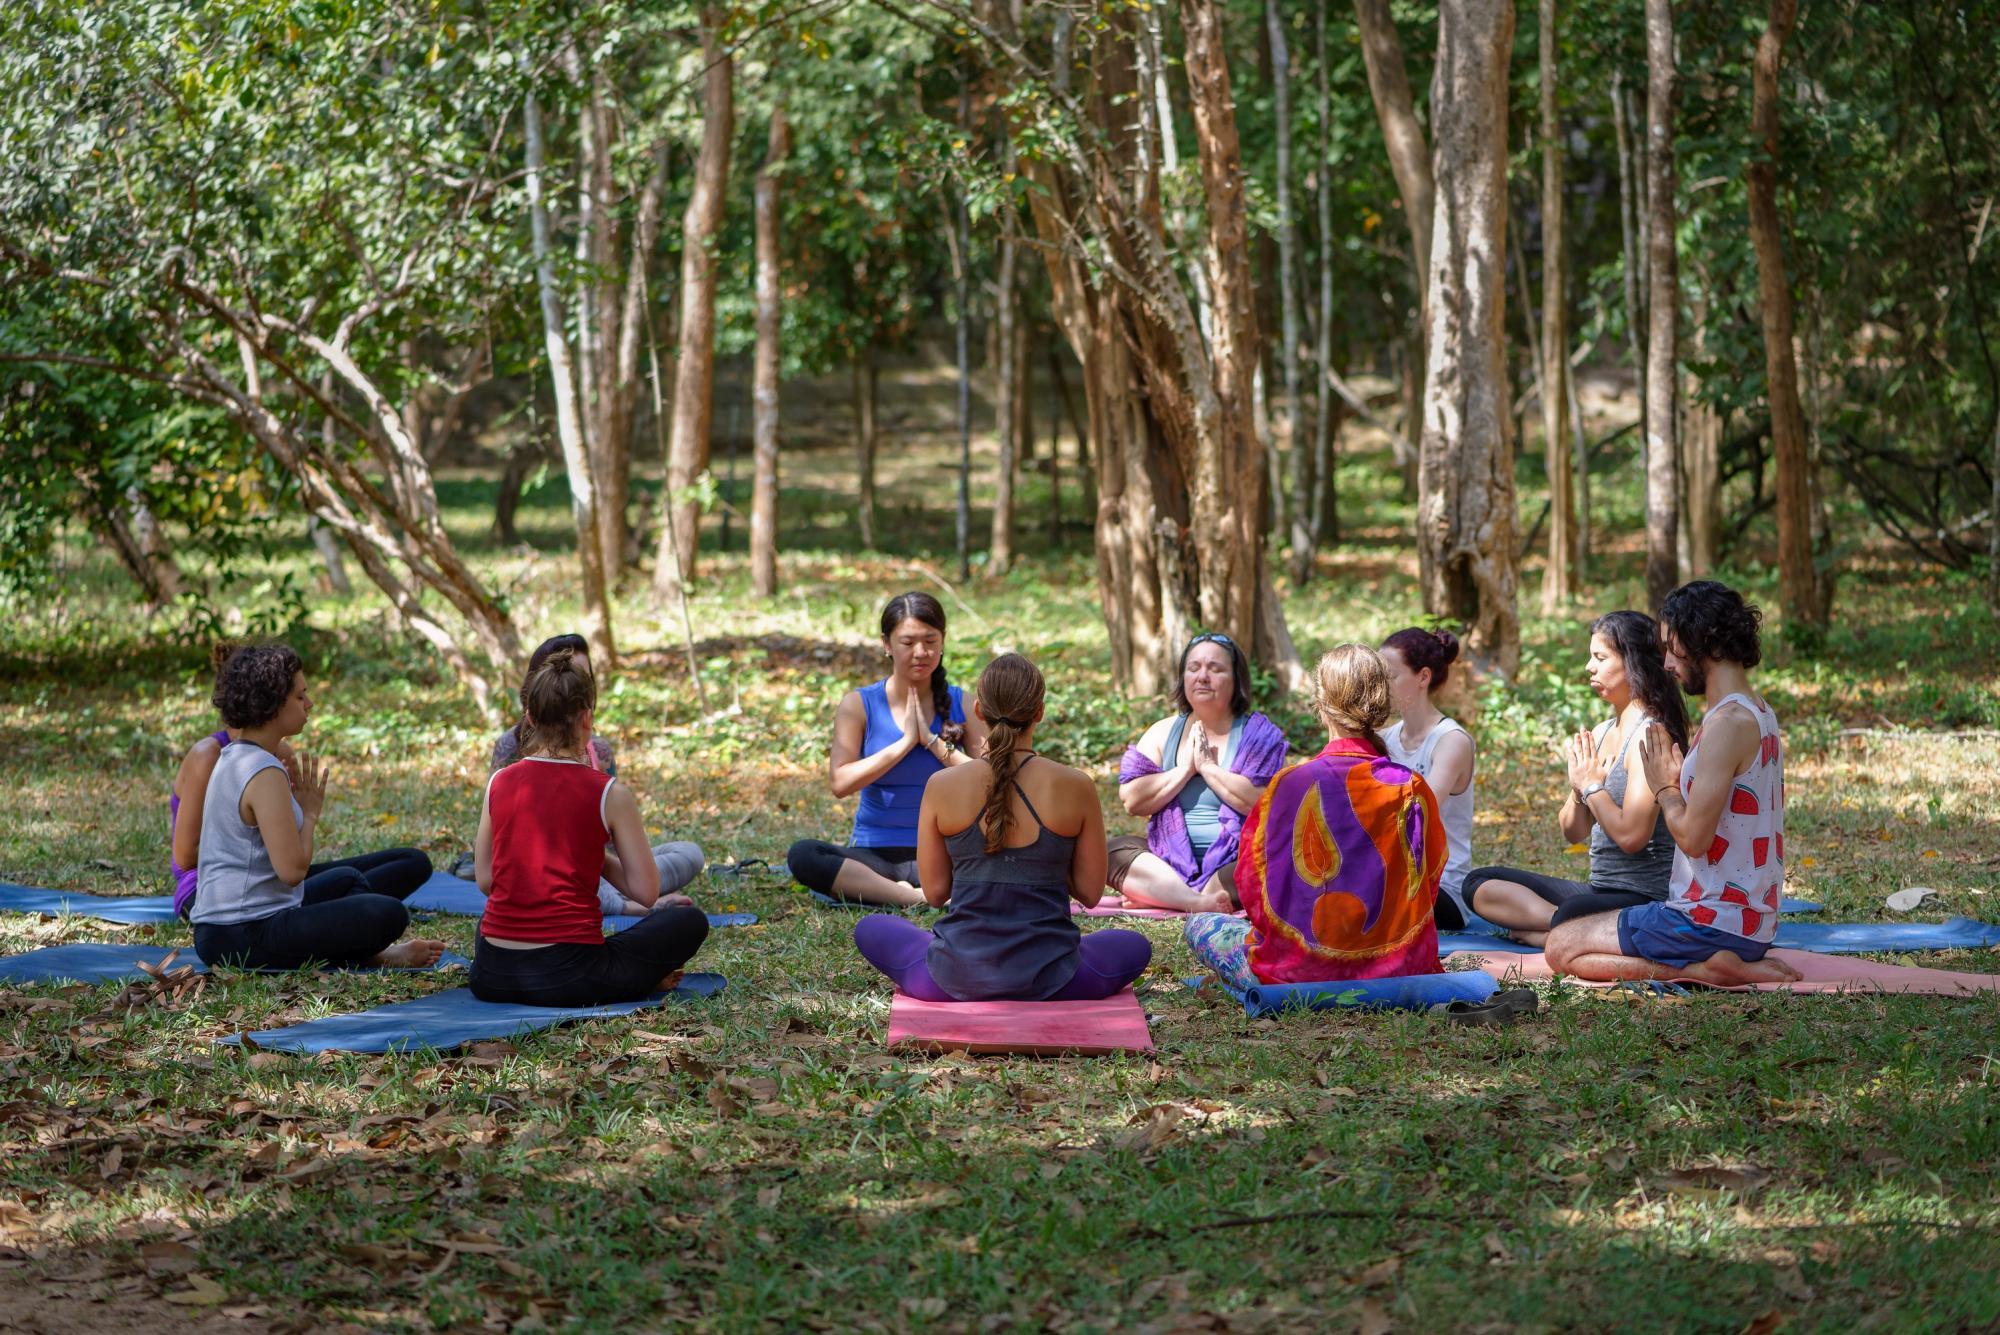 hariharalaya-yoga-and-meditation-retreat-centre-cambodia-11